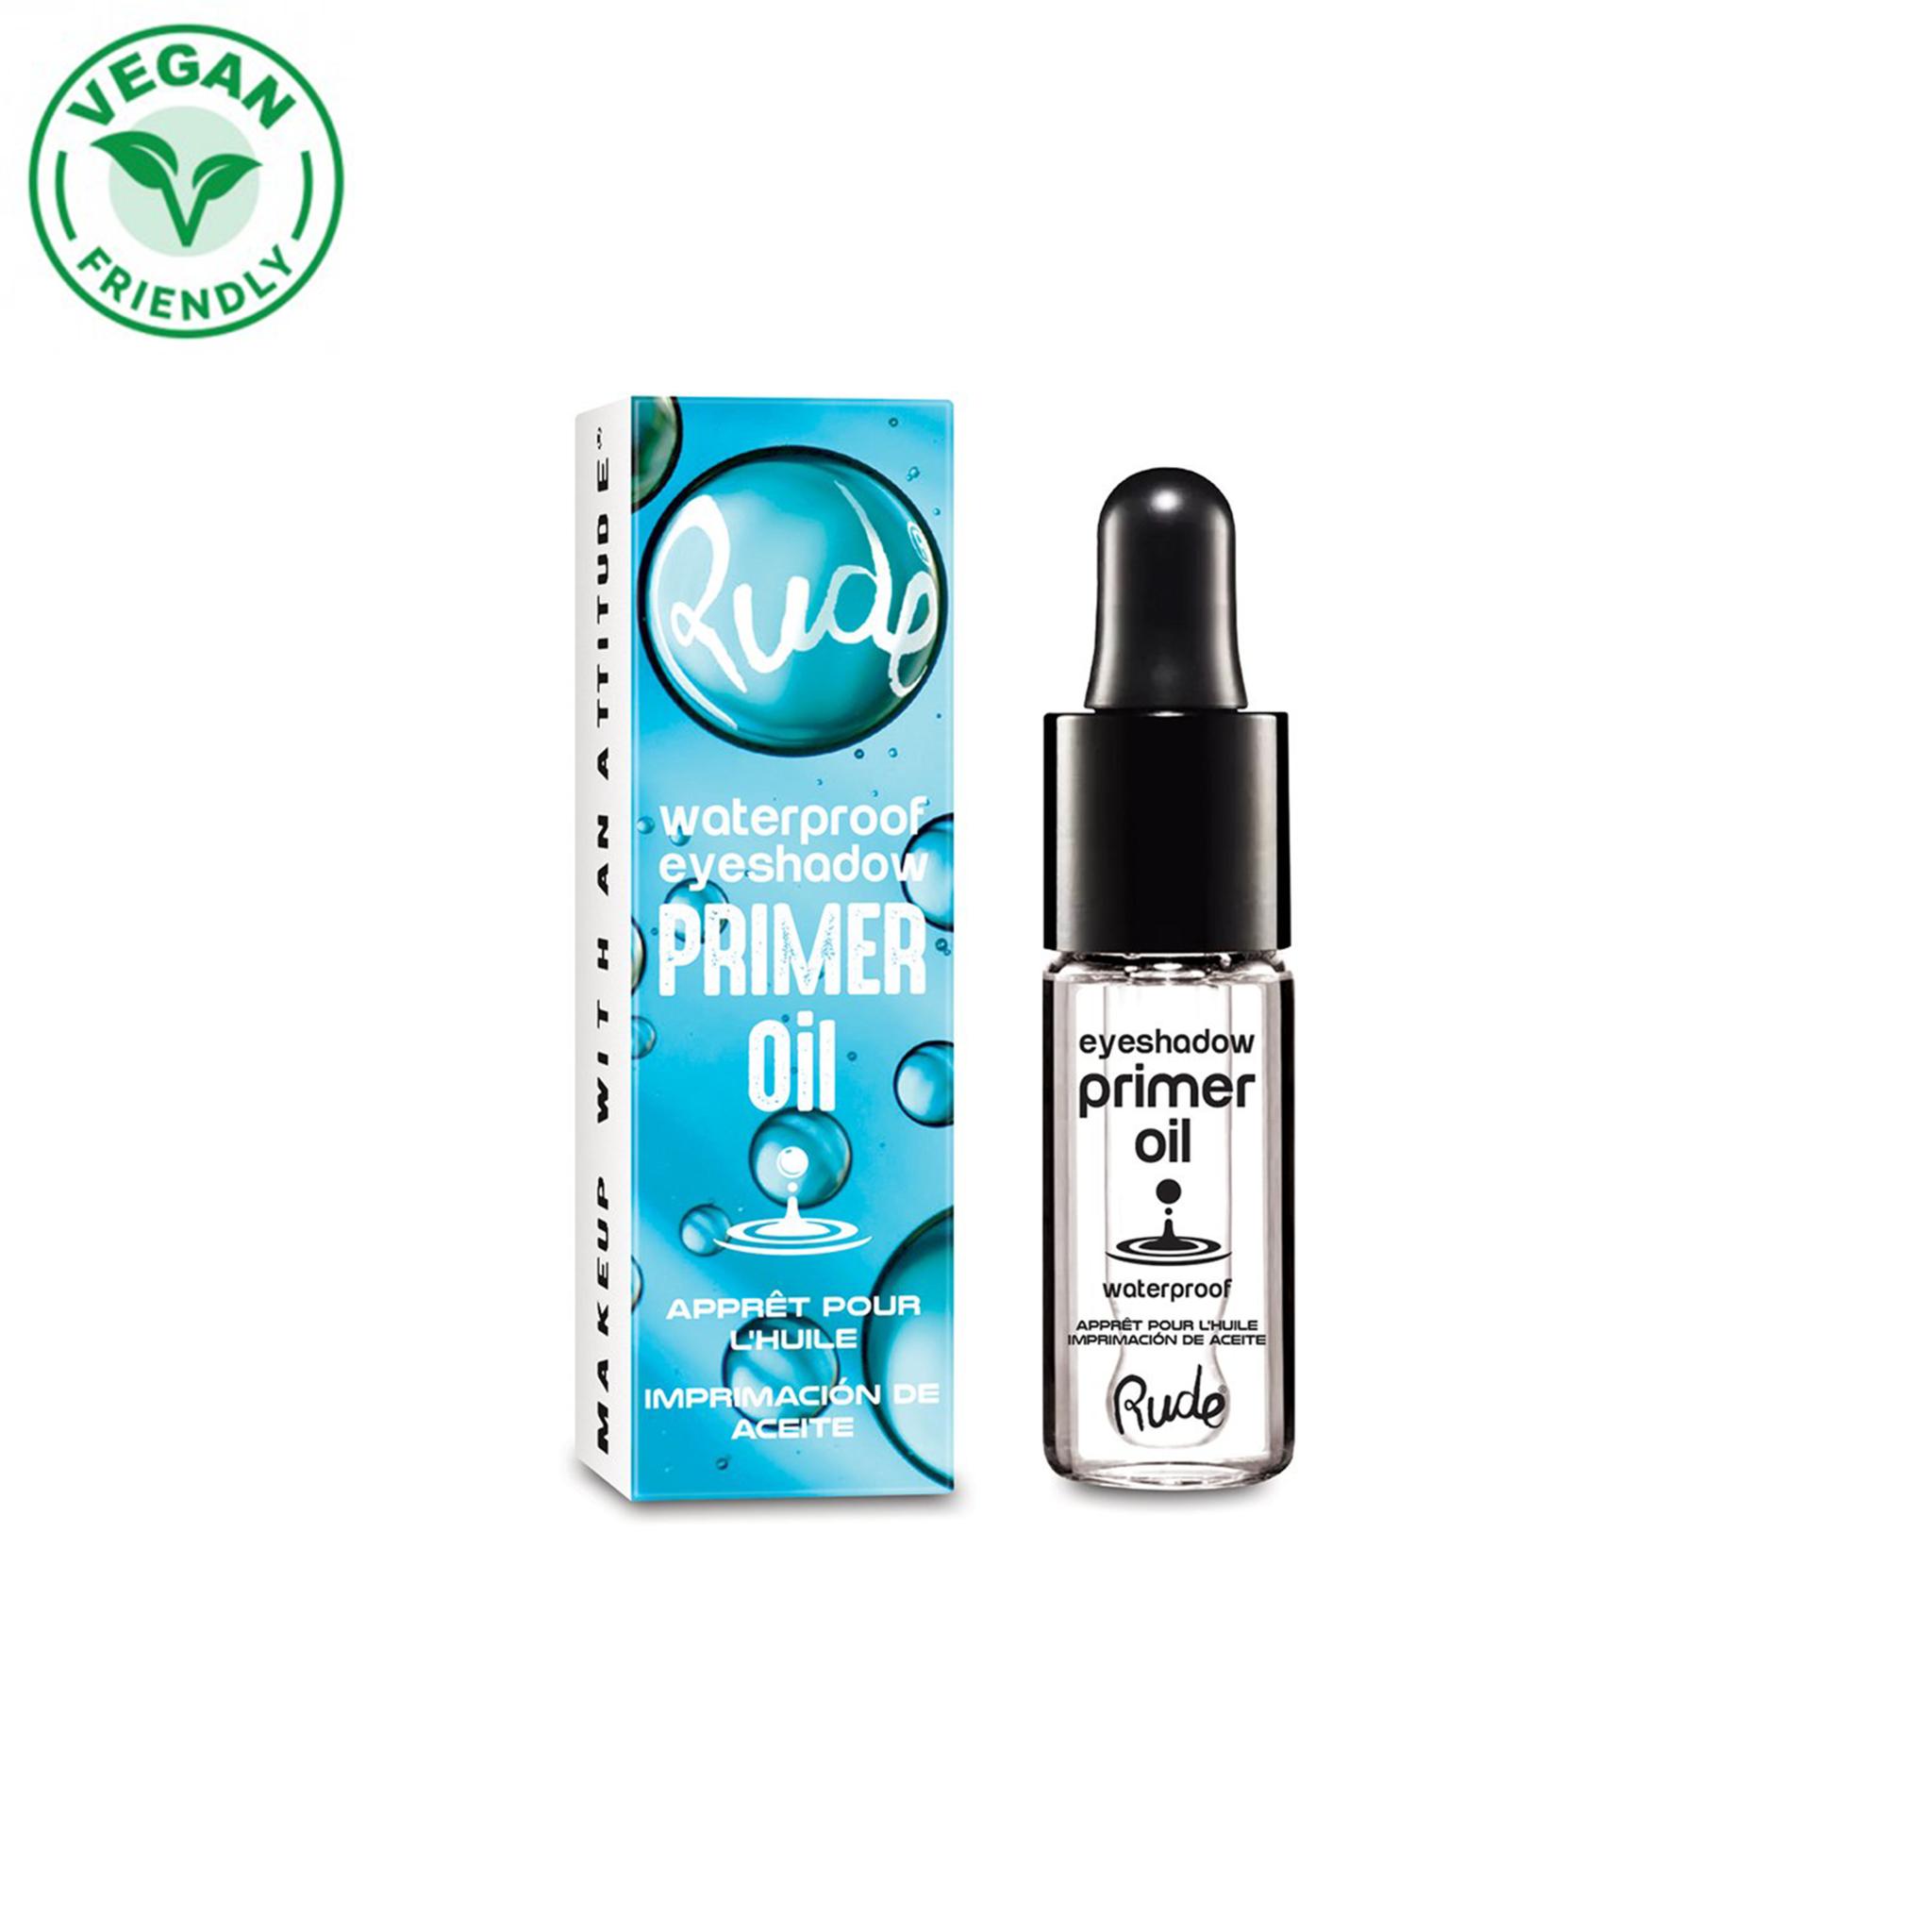 Водостойкий праймер для век Primer Oil